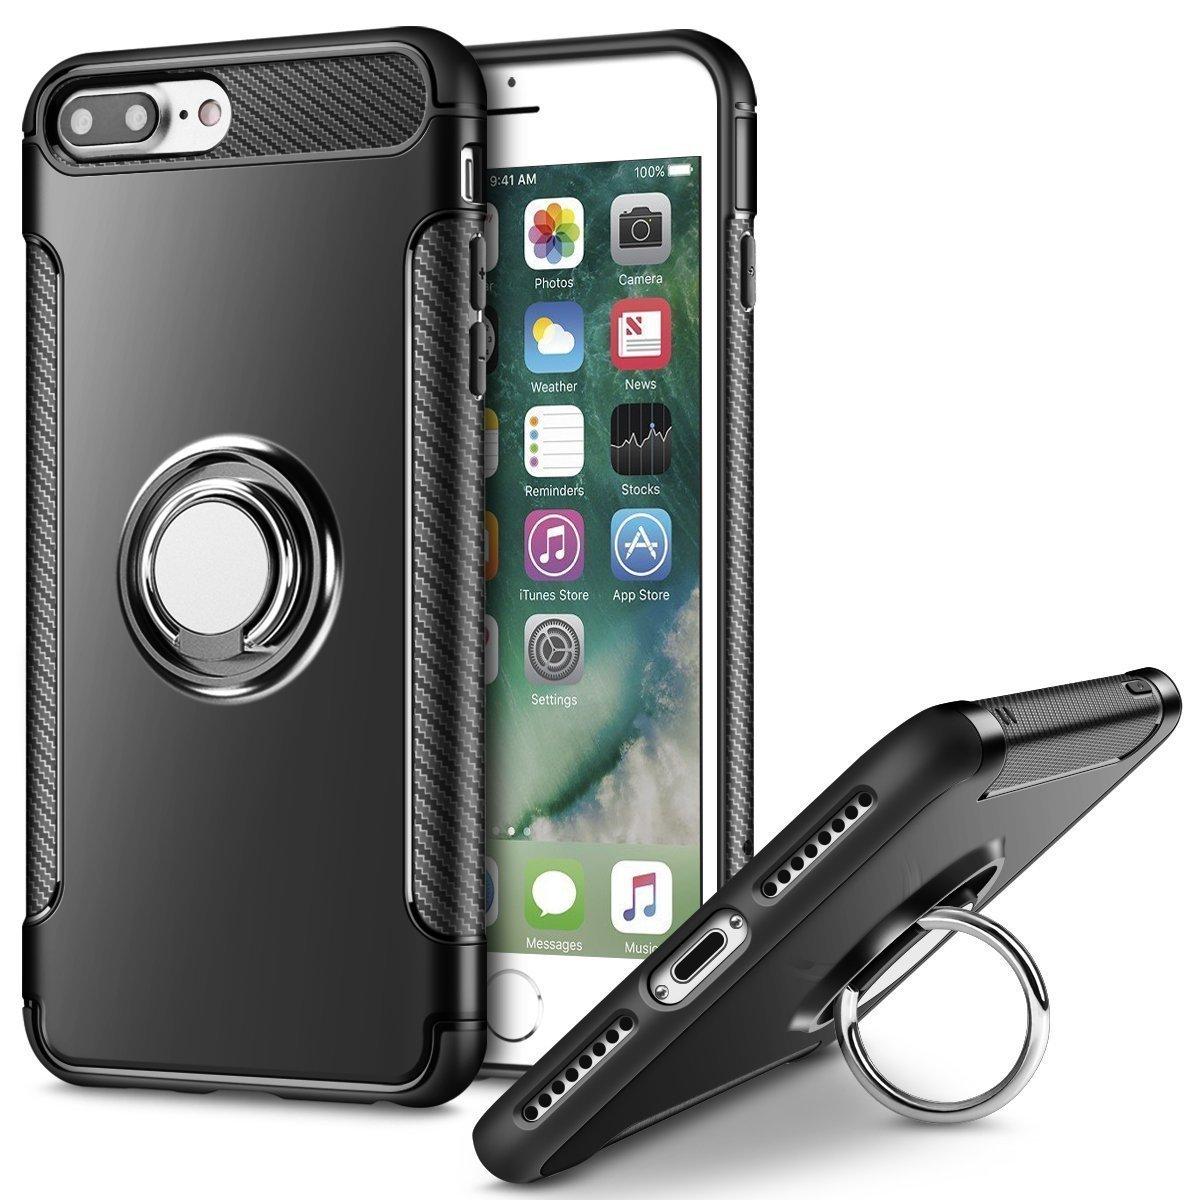 iPhone 7 Plus Handyh/ülle mit Ring Kickstand Mosoris iPhone 8 Plus H/ülle Sto/ßfest Schutzh/ülle Case mit 360 Grad Drehbarer Handyhalterung Geeignet f/ür Auto Magnet Ring f/ür iPhone 8 Plus Blau